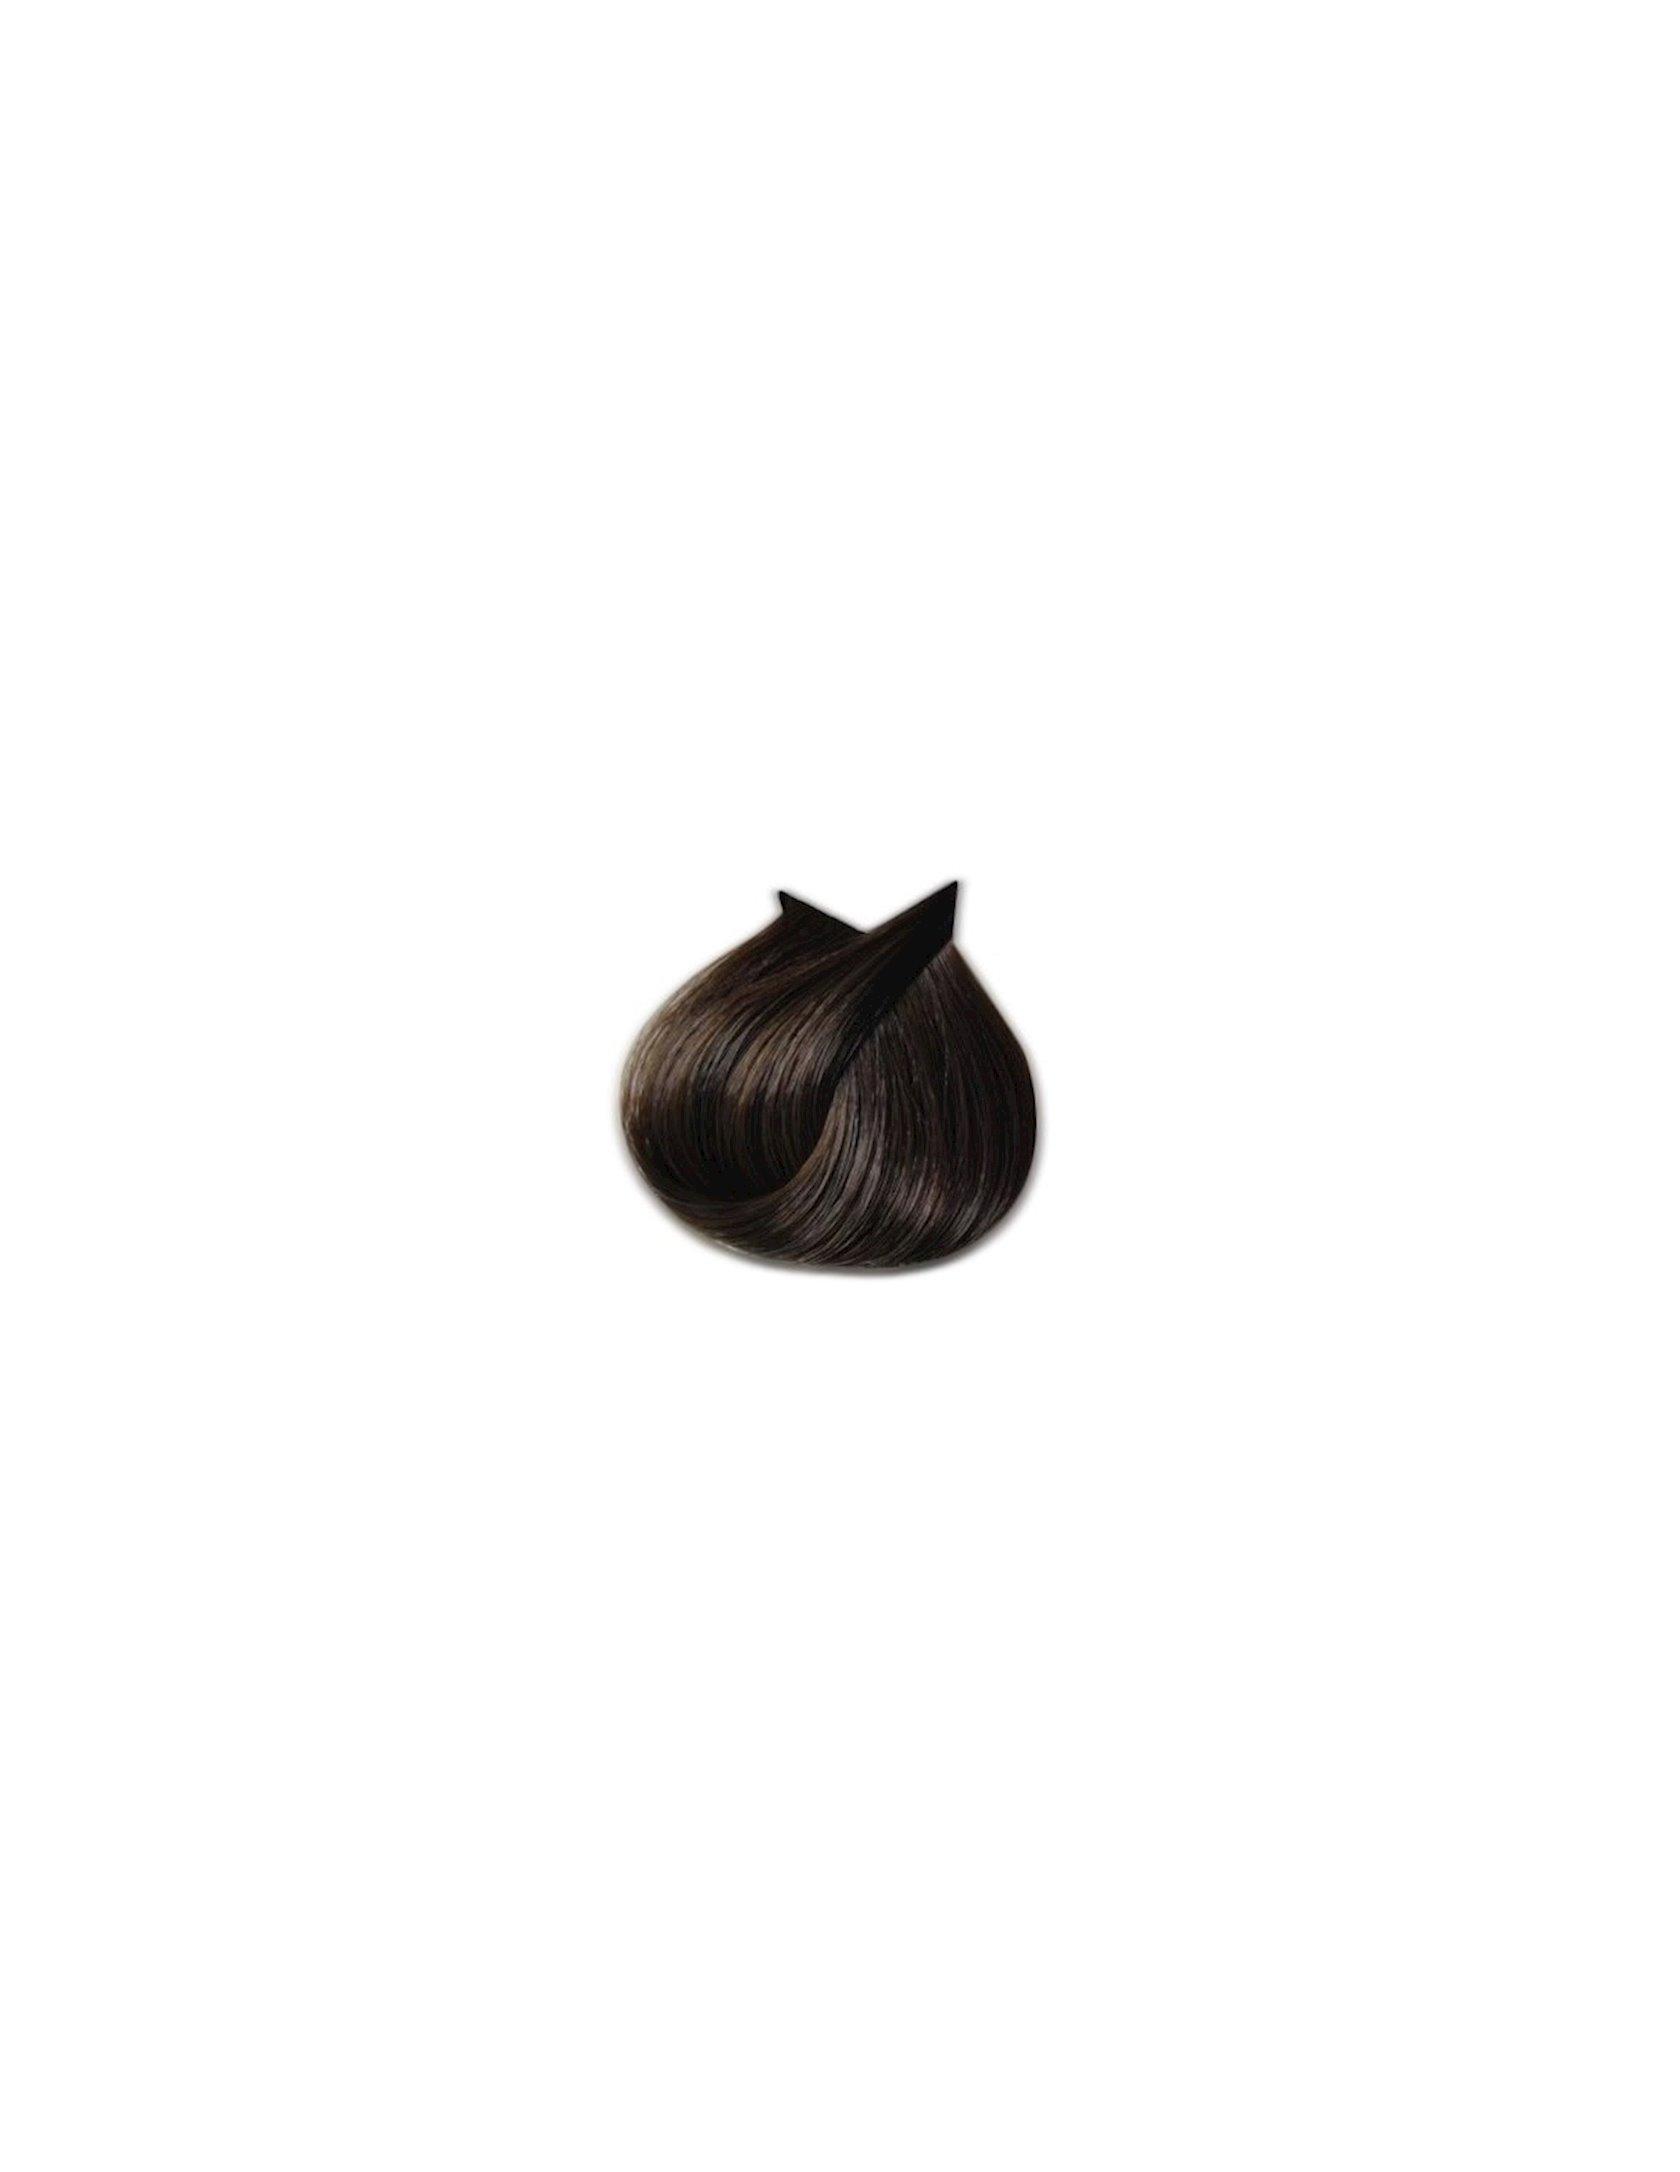 Saç üçün qalıcı krem-boya Farmavita Life Color Plus 5.0 Açıq qəhvəyi